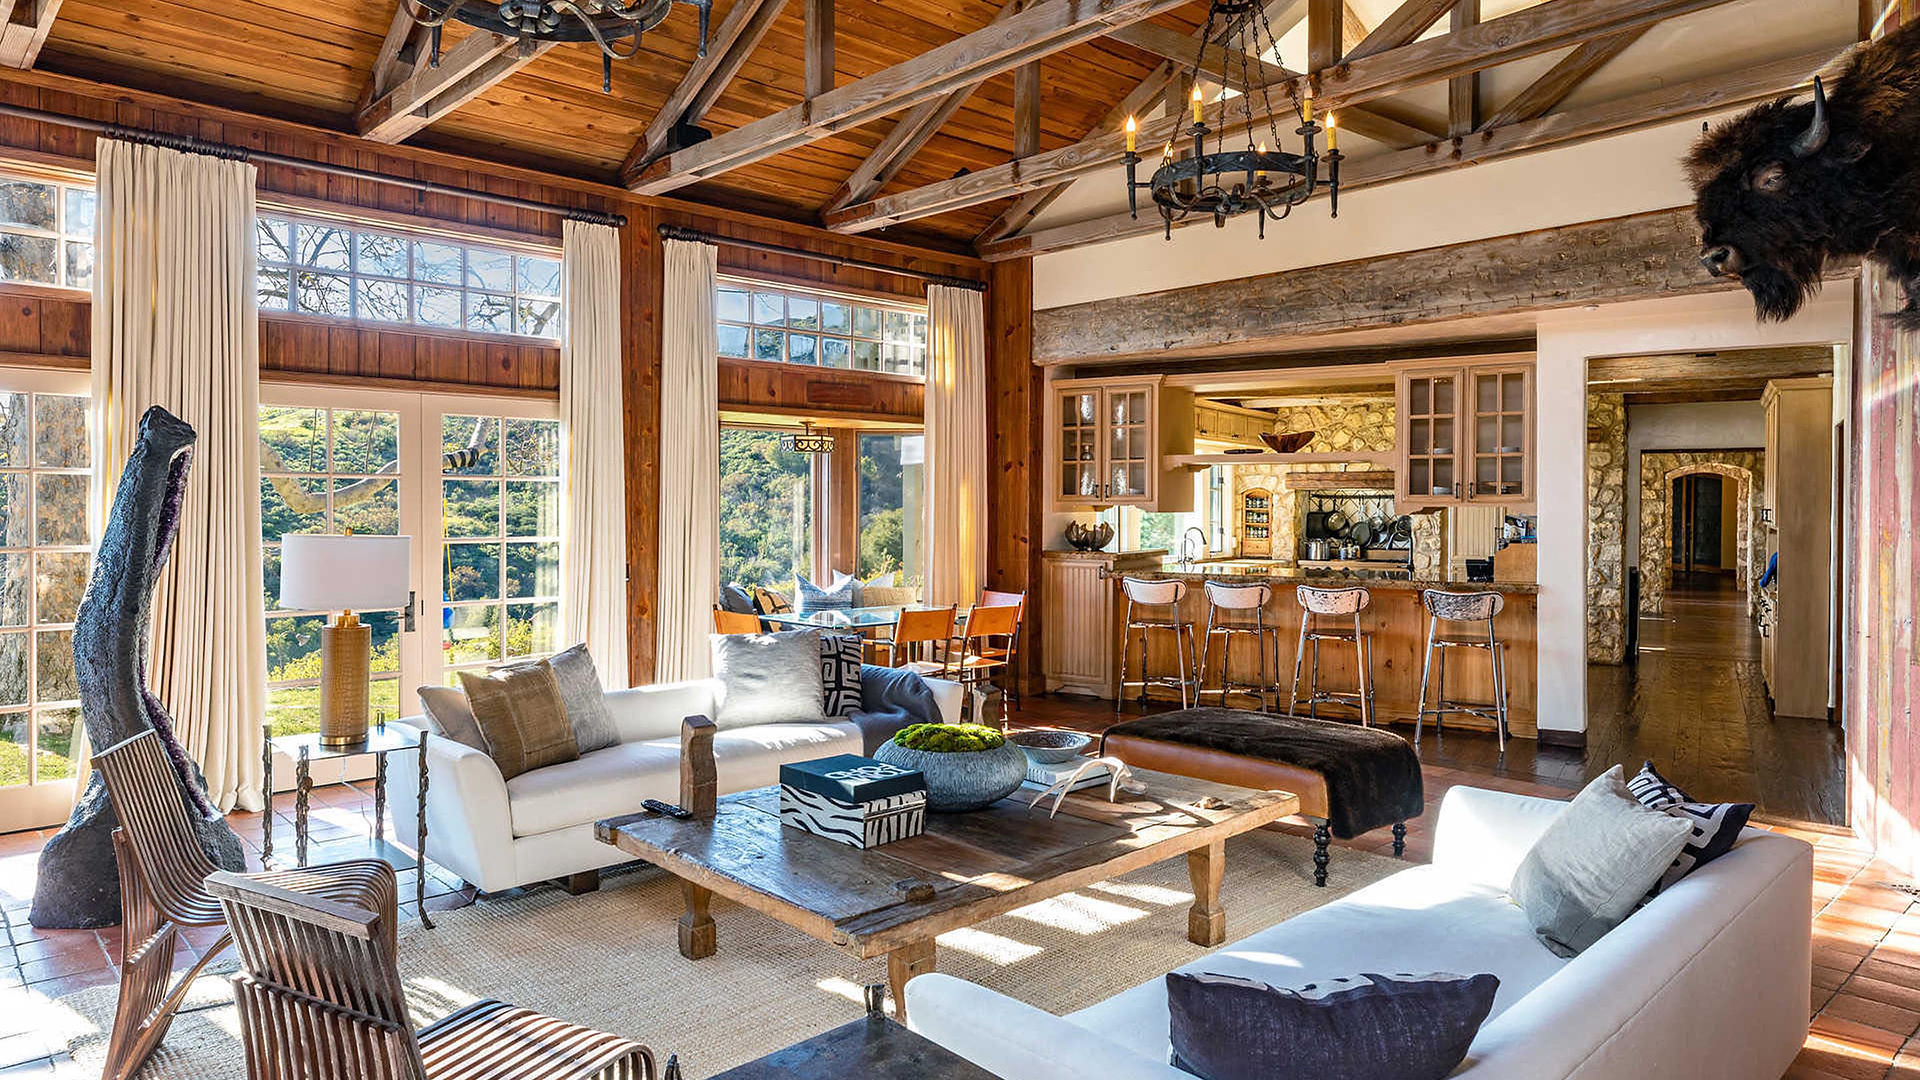 Harry y Meghan Markle interesado en comprar esta mansión al actor Mel Gibson por USD14,5 millones en Malibú, California.( The Grosby Group)